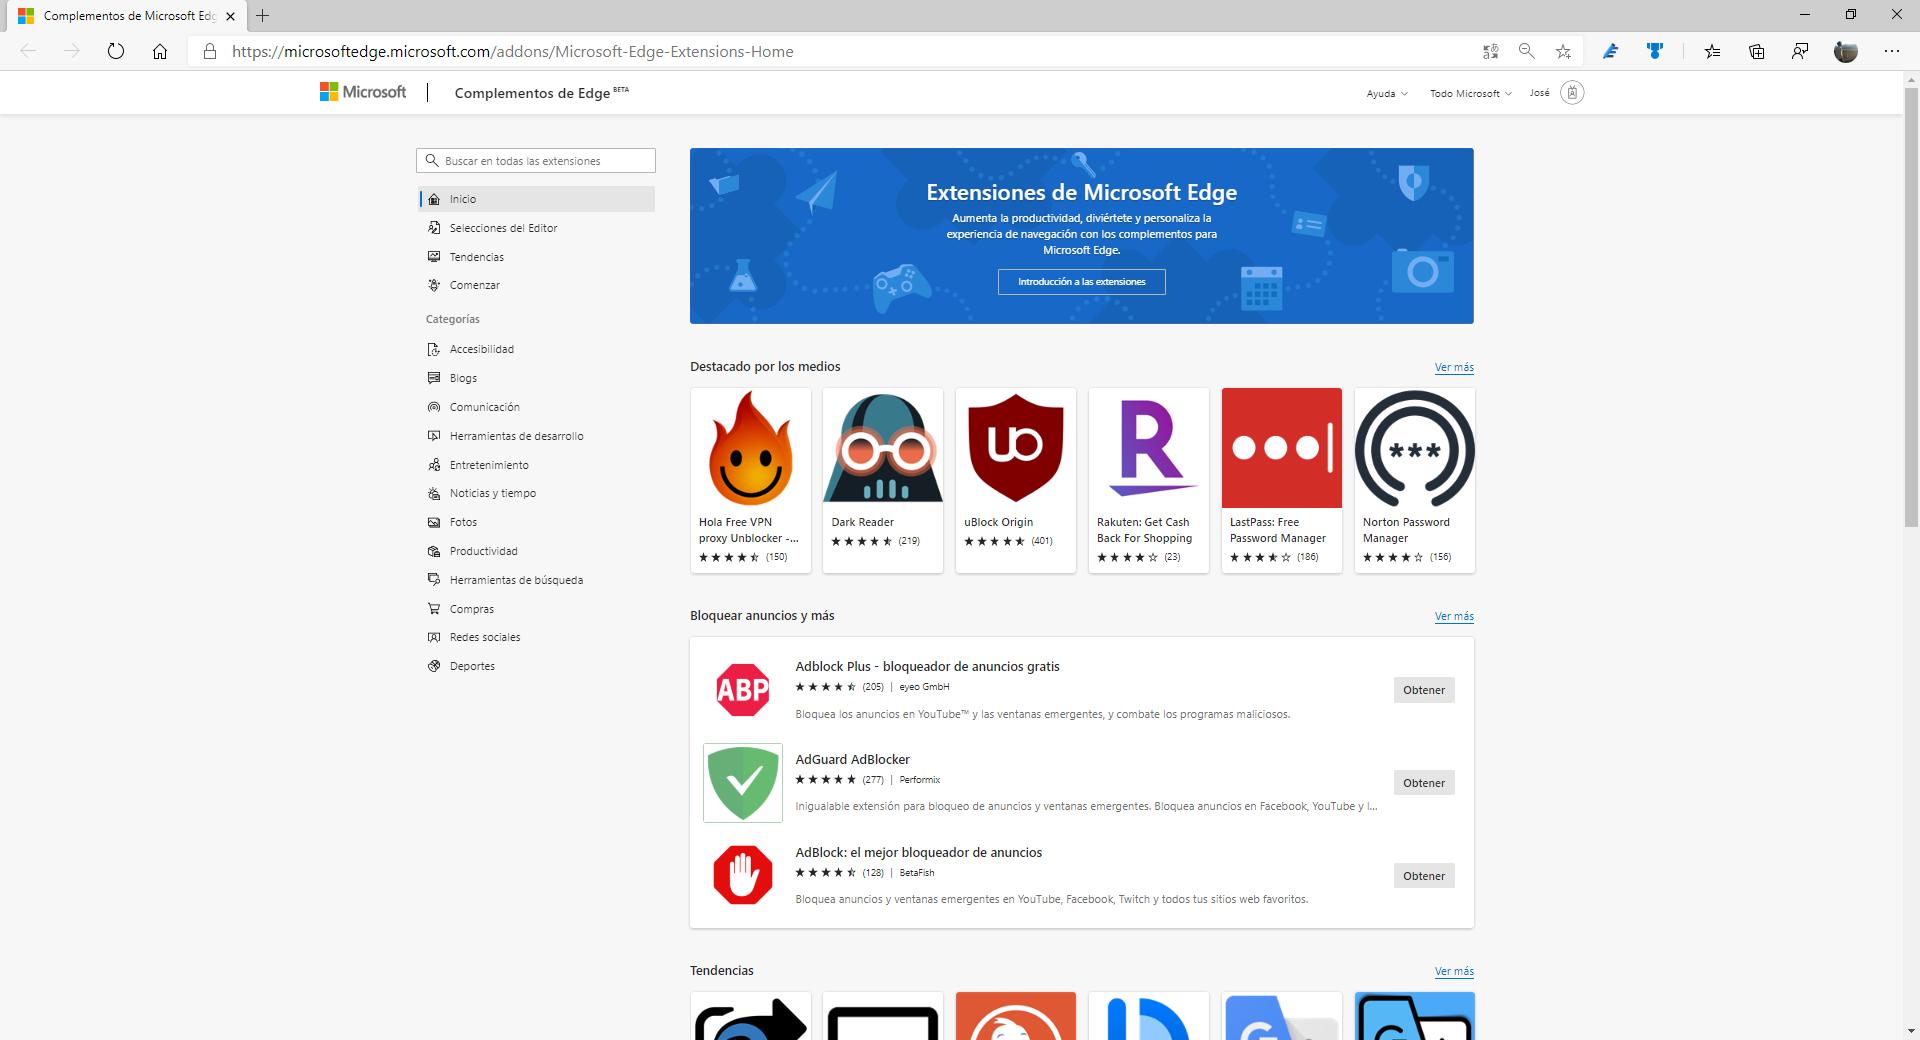 La nueva tienda de Extensiones de Microsoft Edge